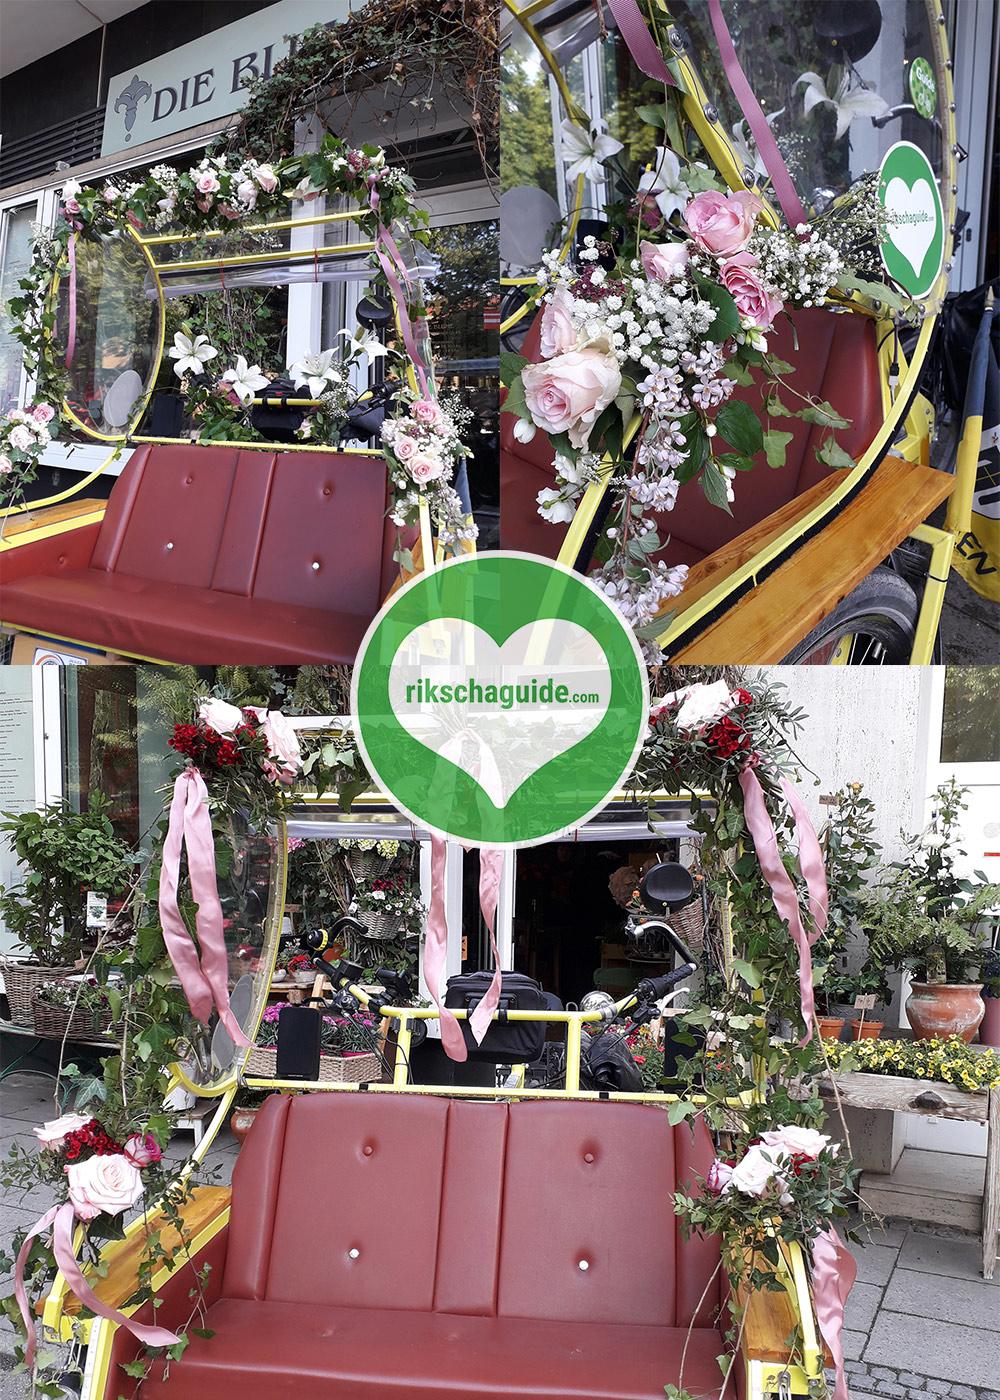 rikschaguide.com | Die Muenchner Rikschafahrer/-innen | Blumenschmuck an der Hochzeitsrikscha